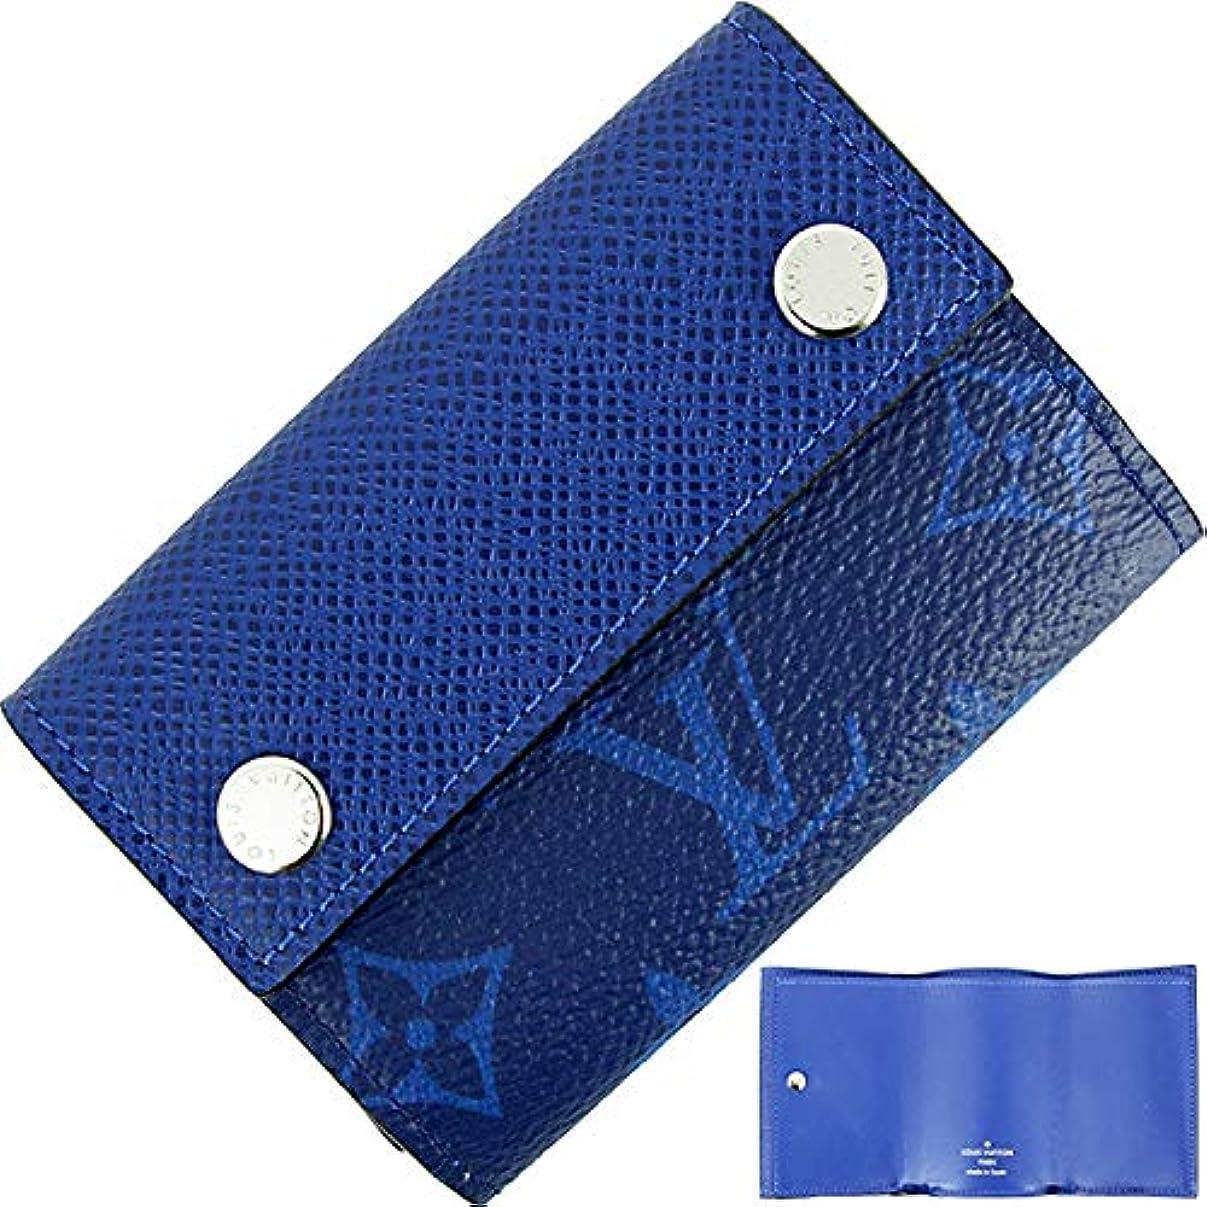 コレクション乳証明[ルイヴィトン] ディスカバリーコンパクトウォレット タイガラマ コバルトブルー M67620 三つ折り財布 [並行輸入品]